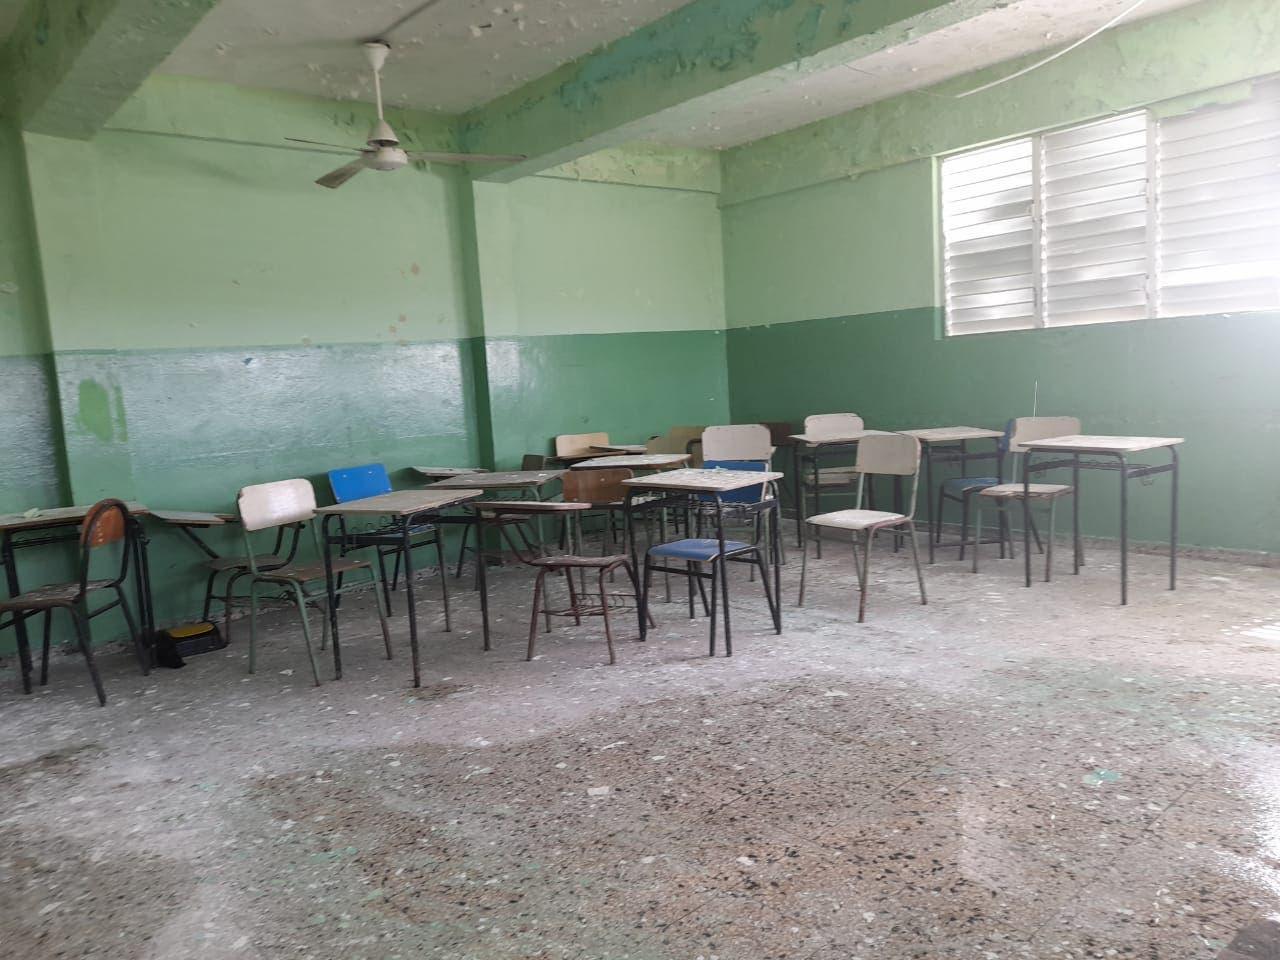 Escuela de Cristo Rey no iniciará año escolar por mal estado de infraestructura